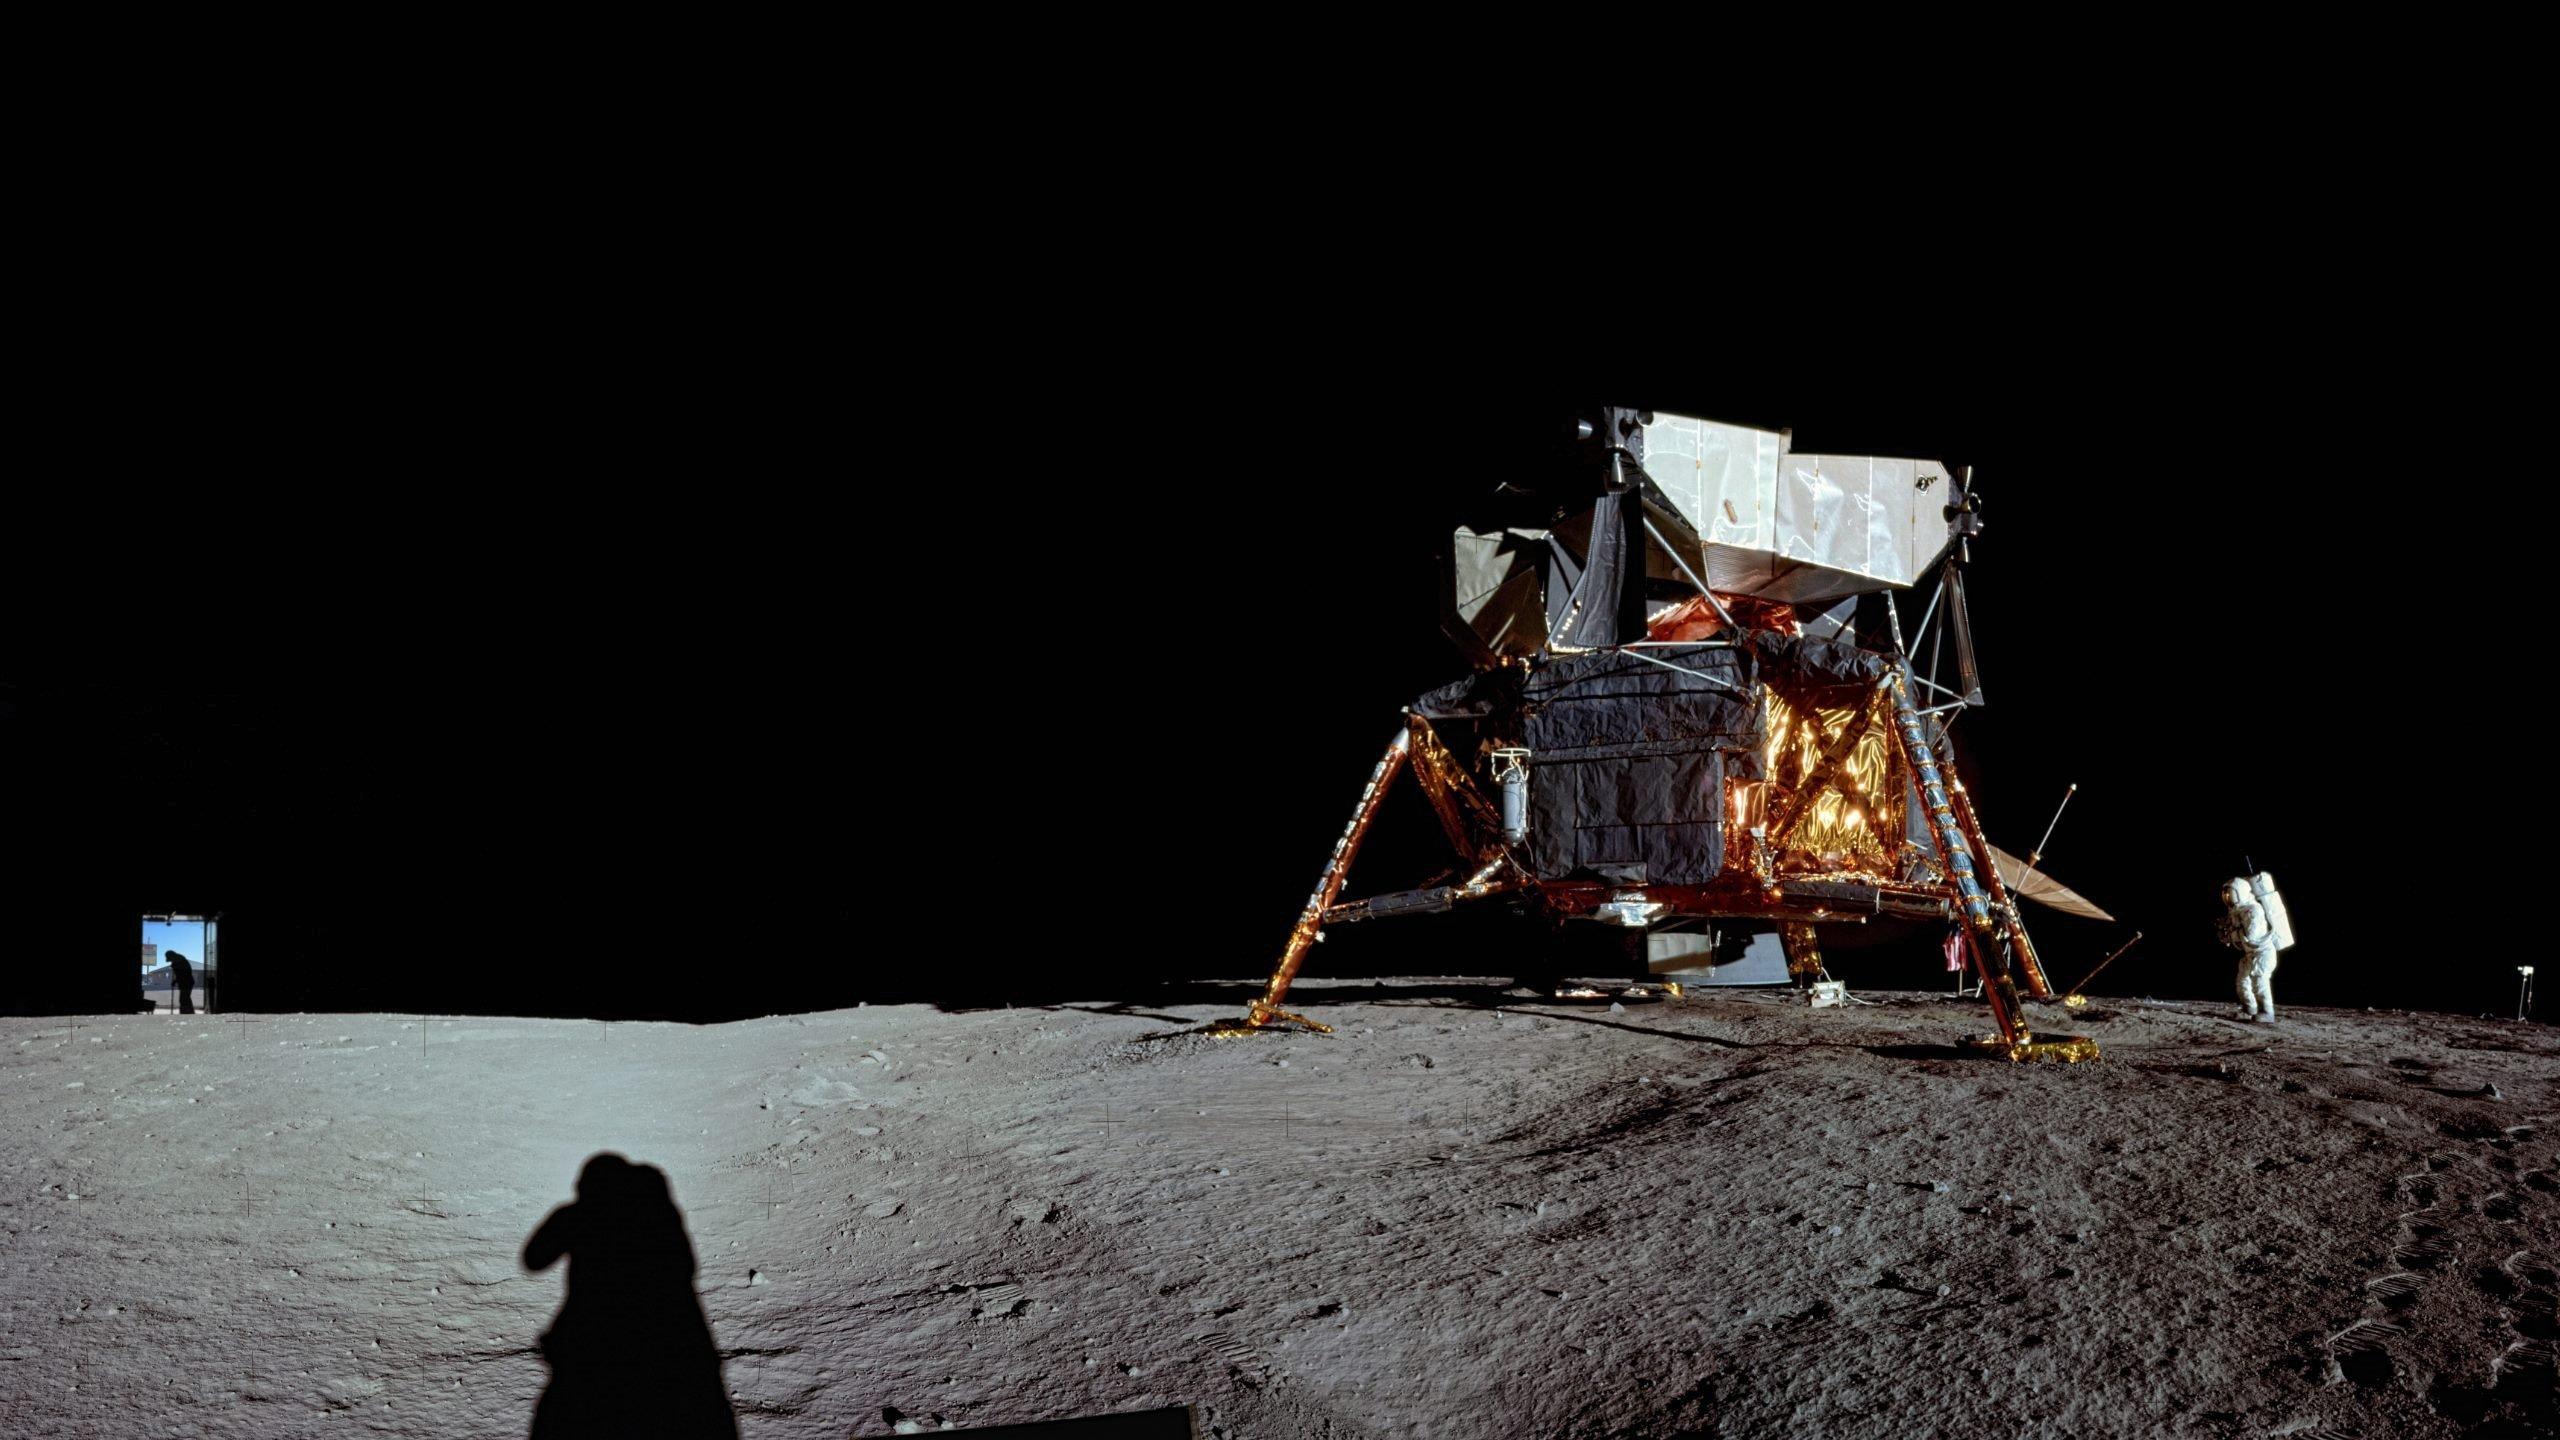 apollo lunar landings - photo #22